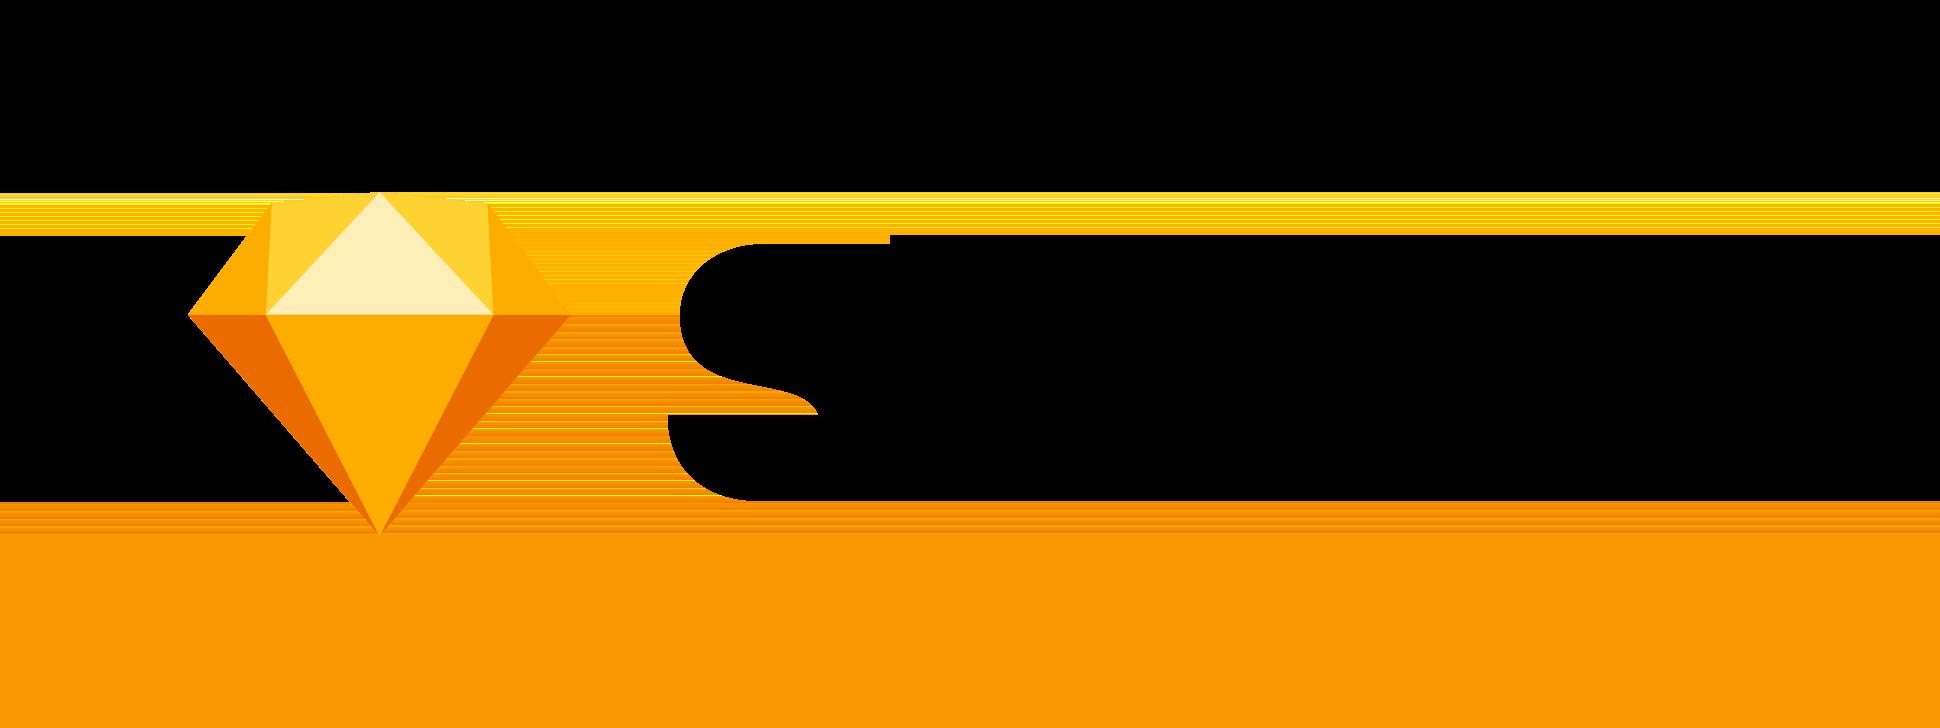 UI/UX Design 8